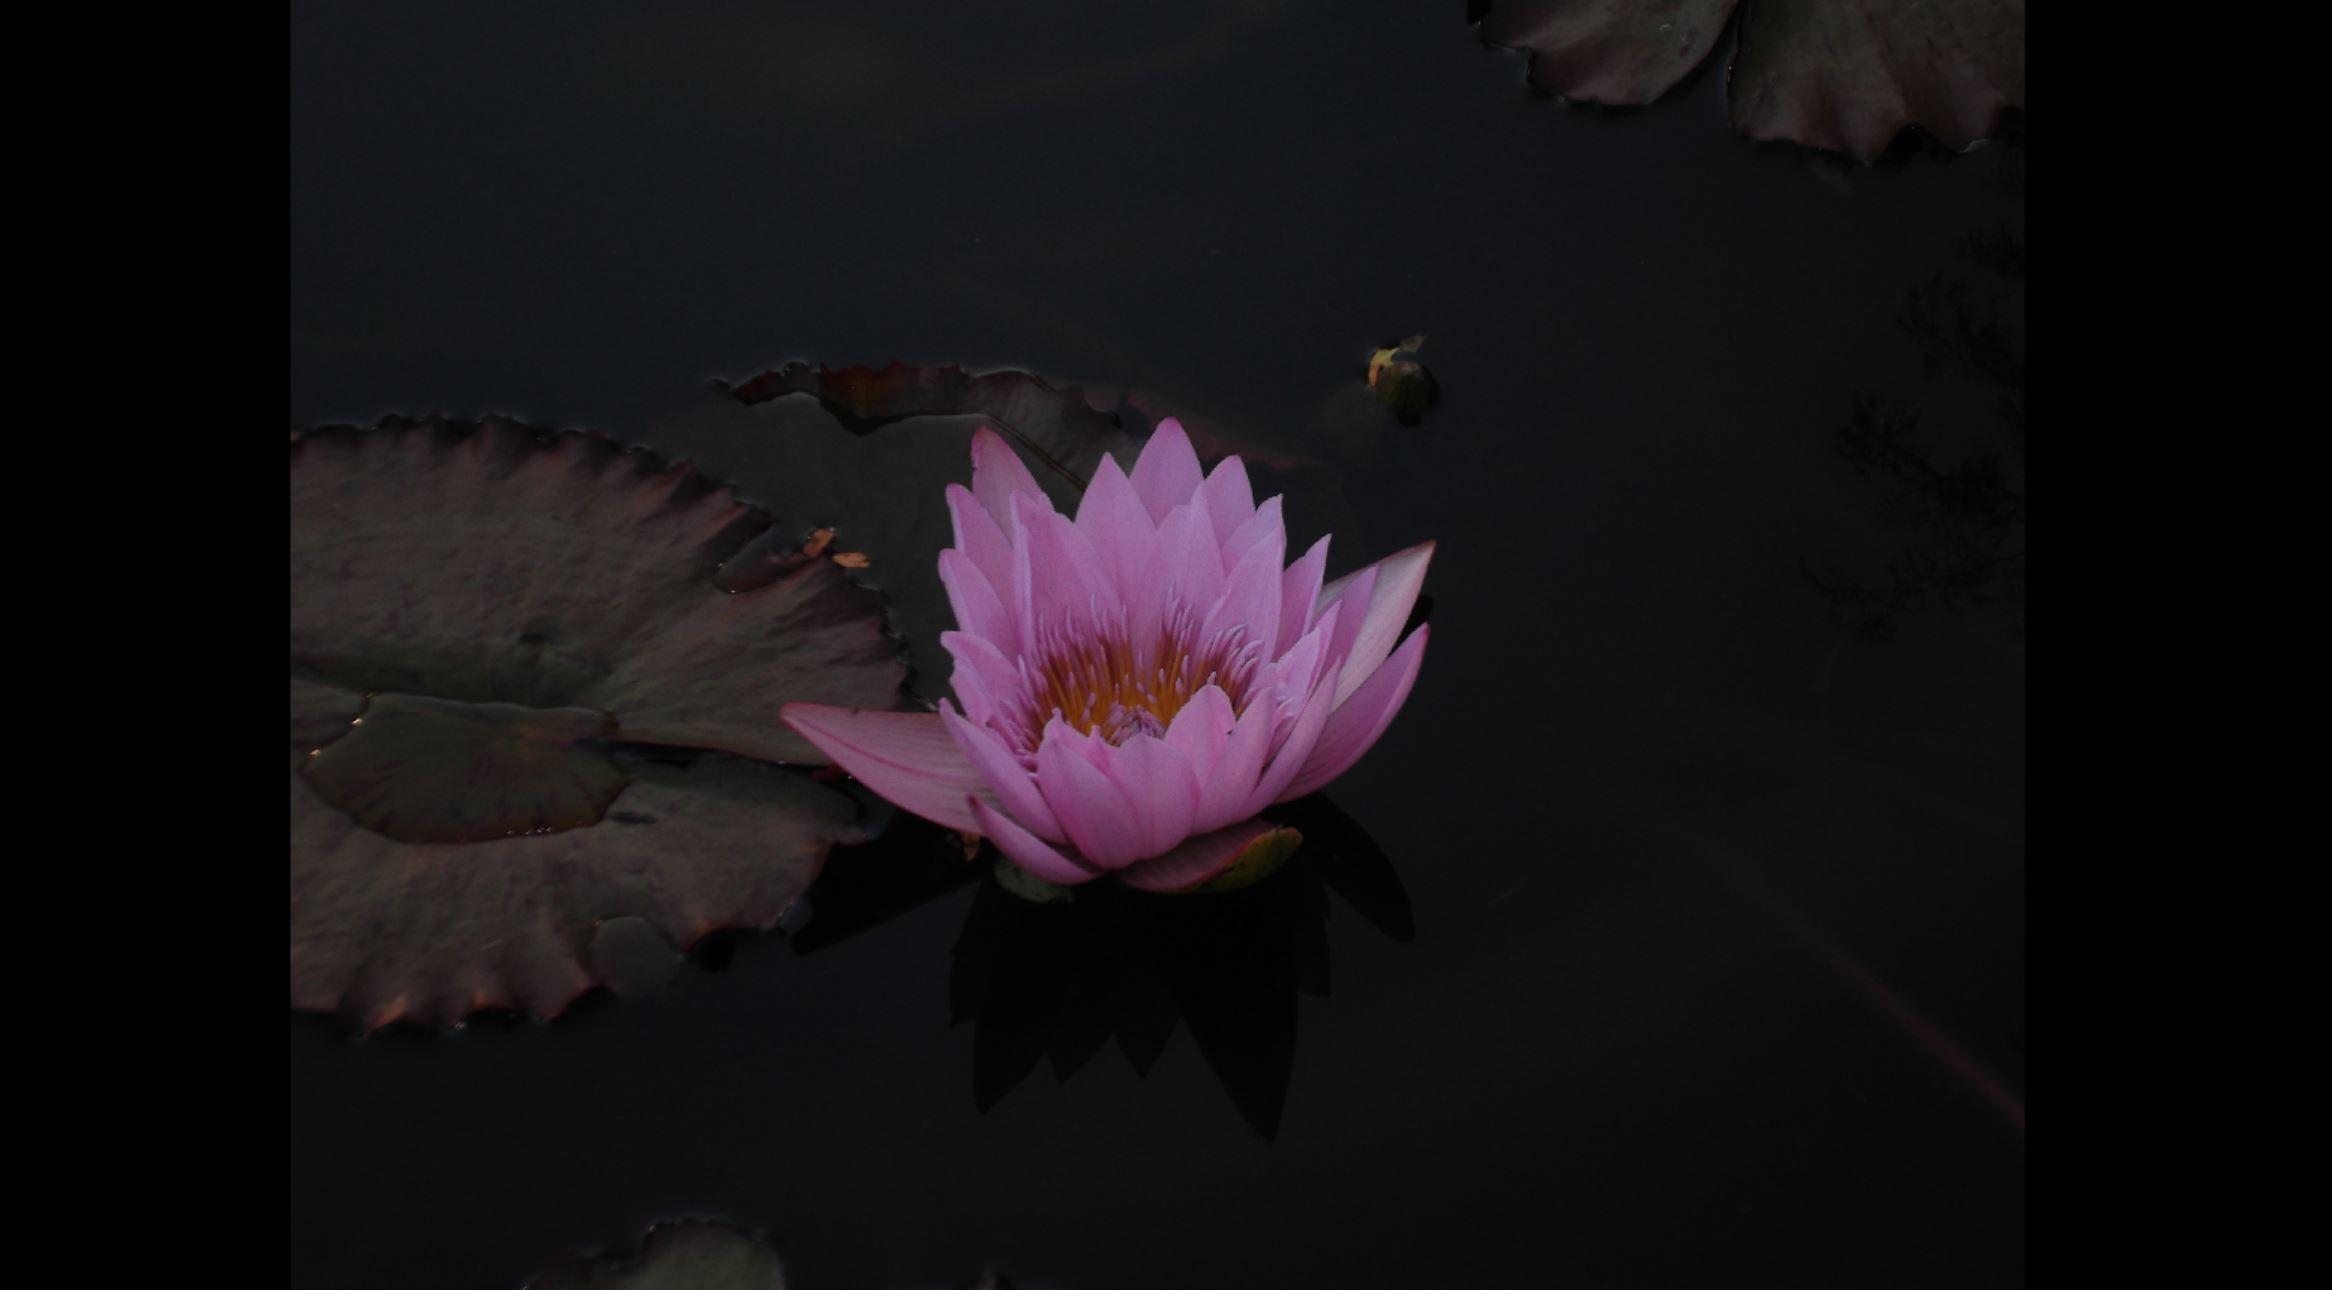 meditating on medea